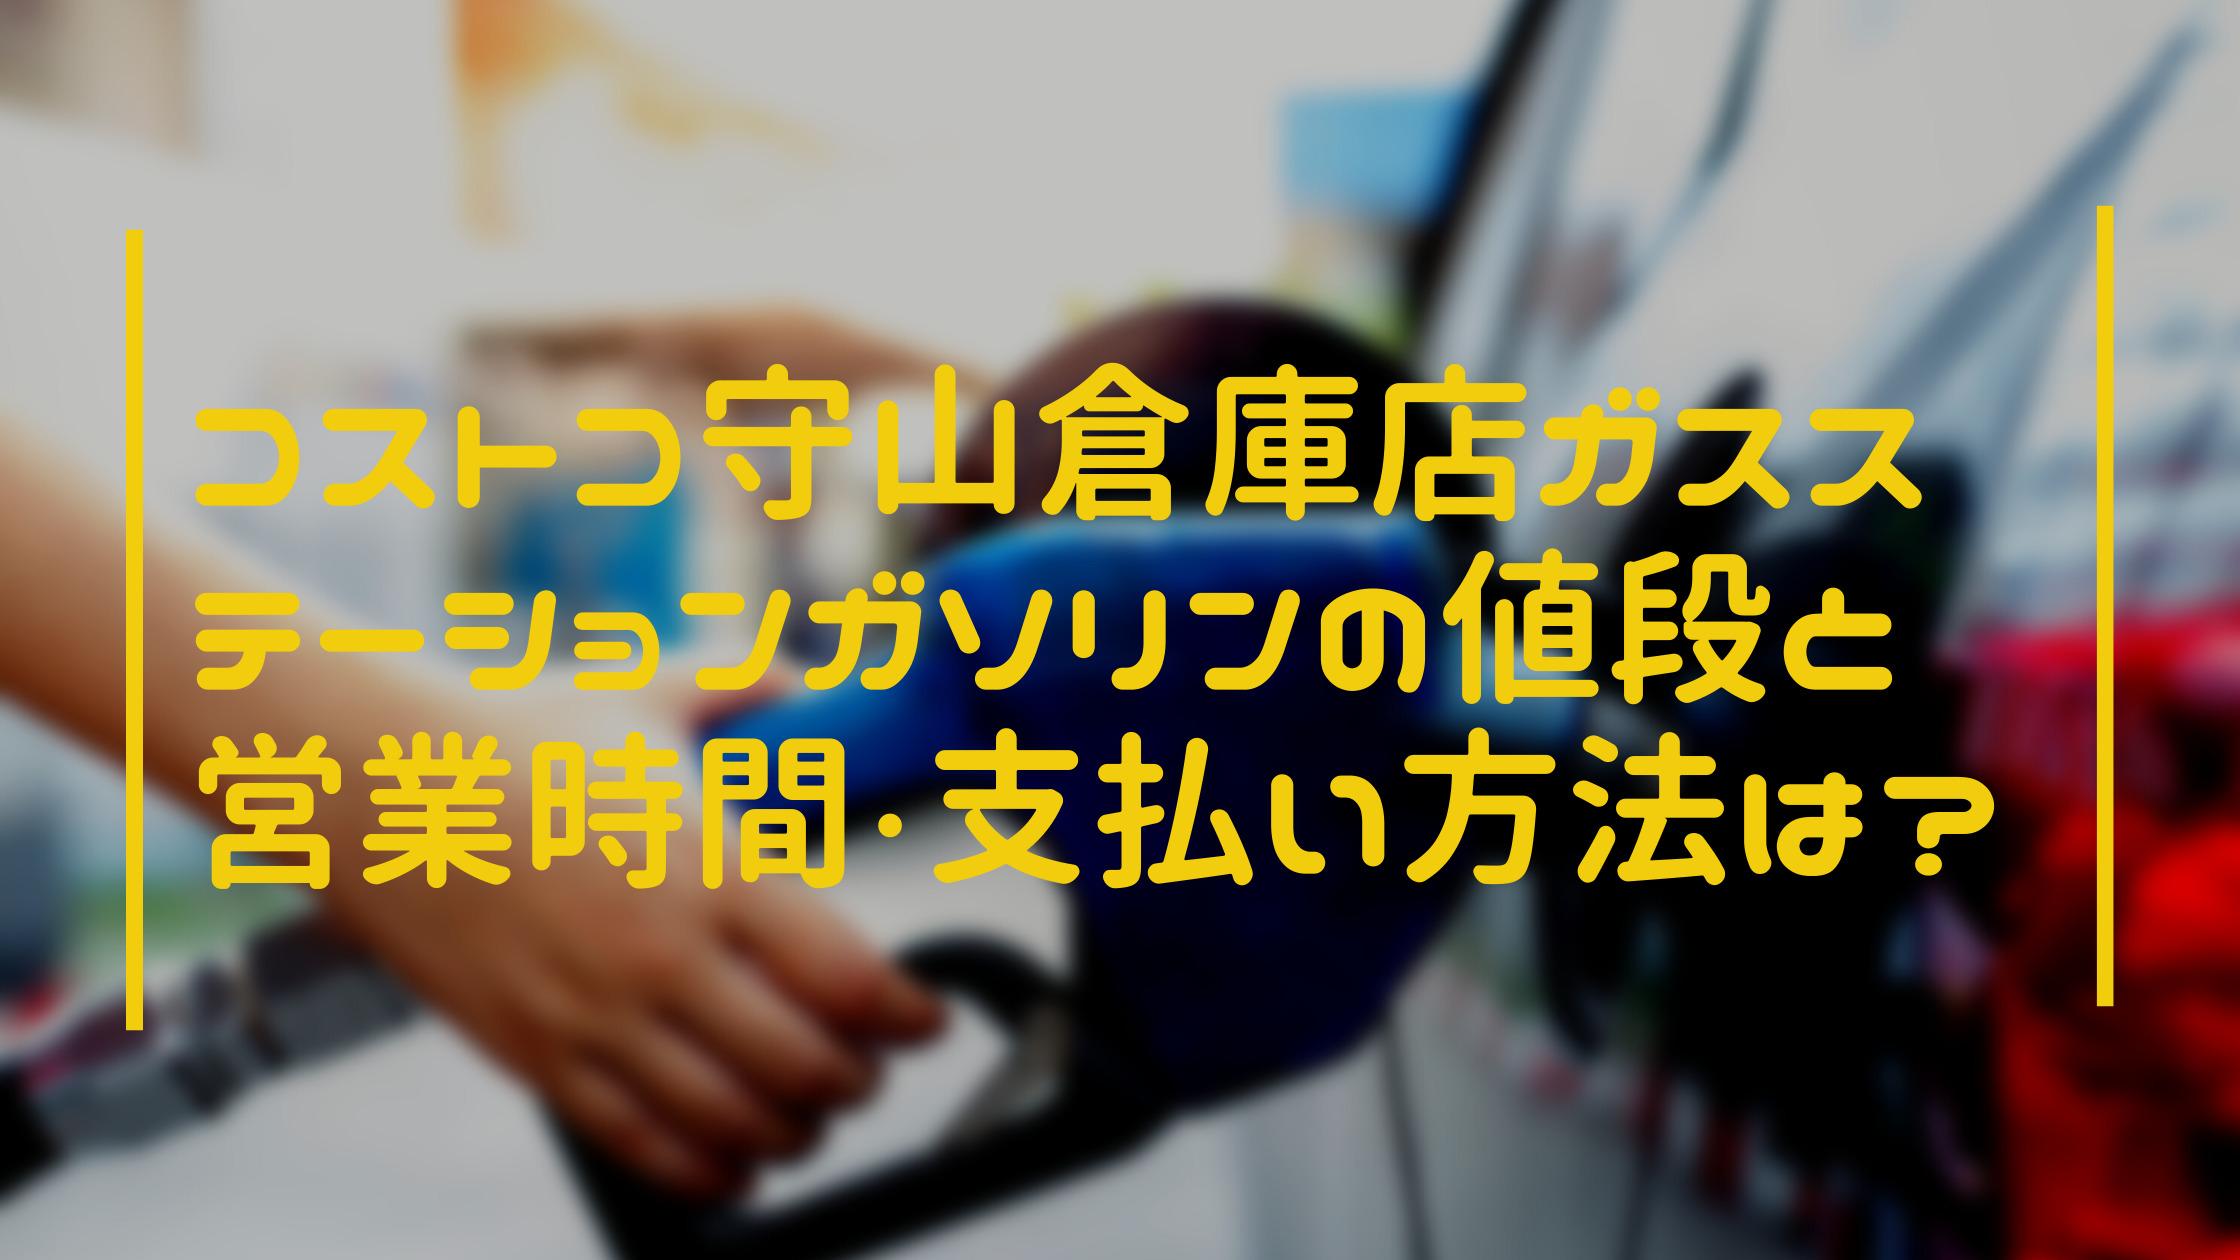 コストコ守山倉庫店ガスステーションガソリンの値段と営業時間・支払い方法は?